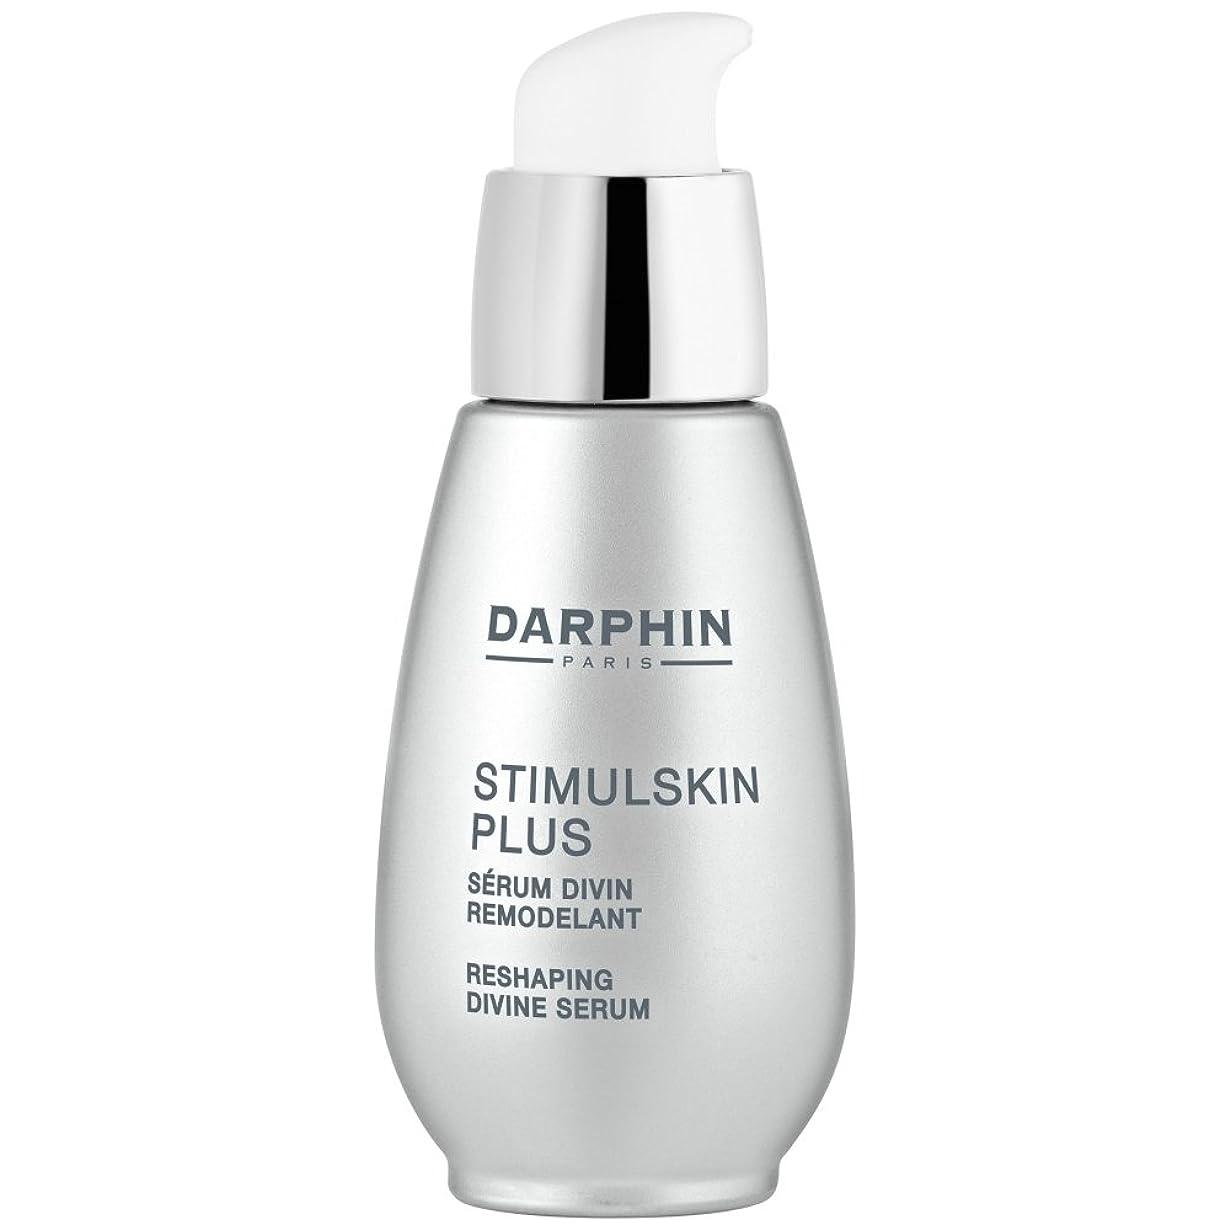 乗って一節音ダルファンスティプラス神整形血清15ミリリットル (Darphin) (x2) - Darphin Stimulskin Plus Divine Reshaping Serum 15ml (Pack of 2) [並行輸入品]